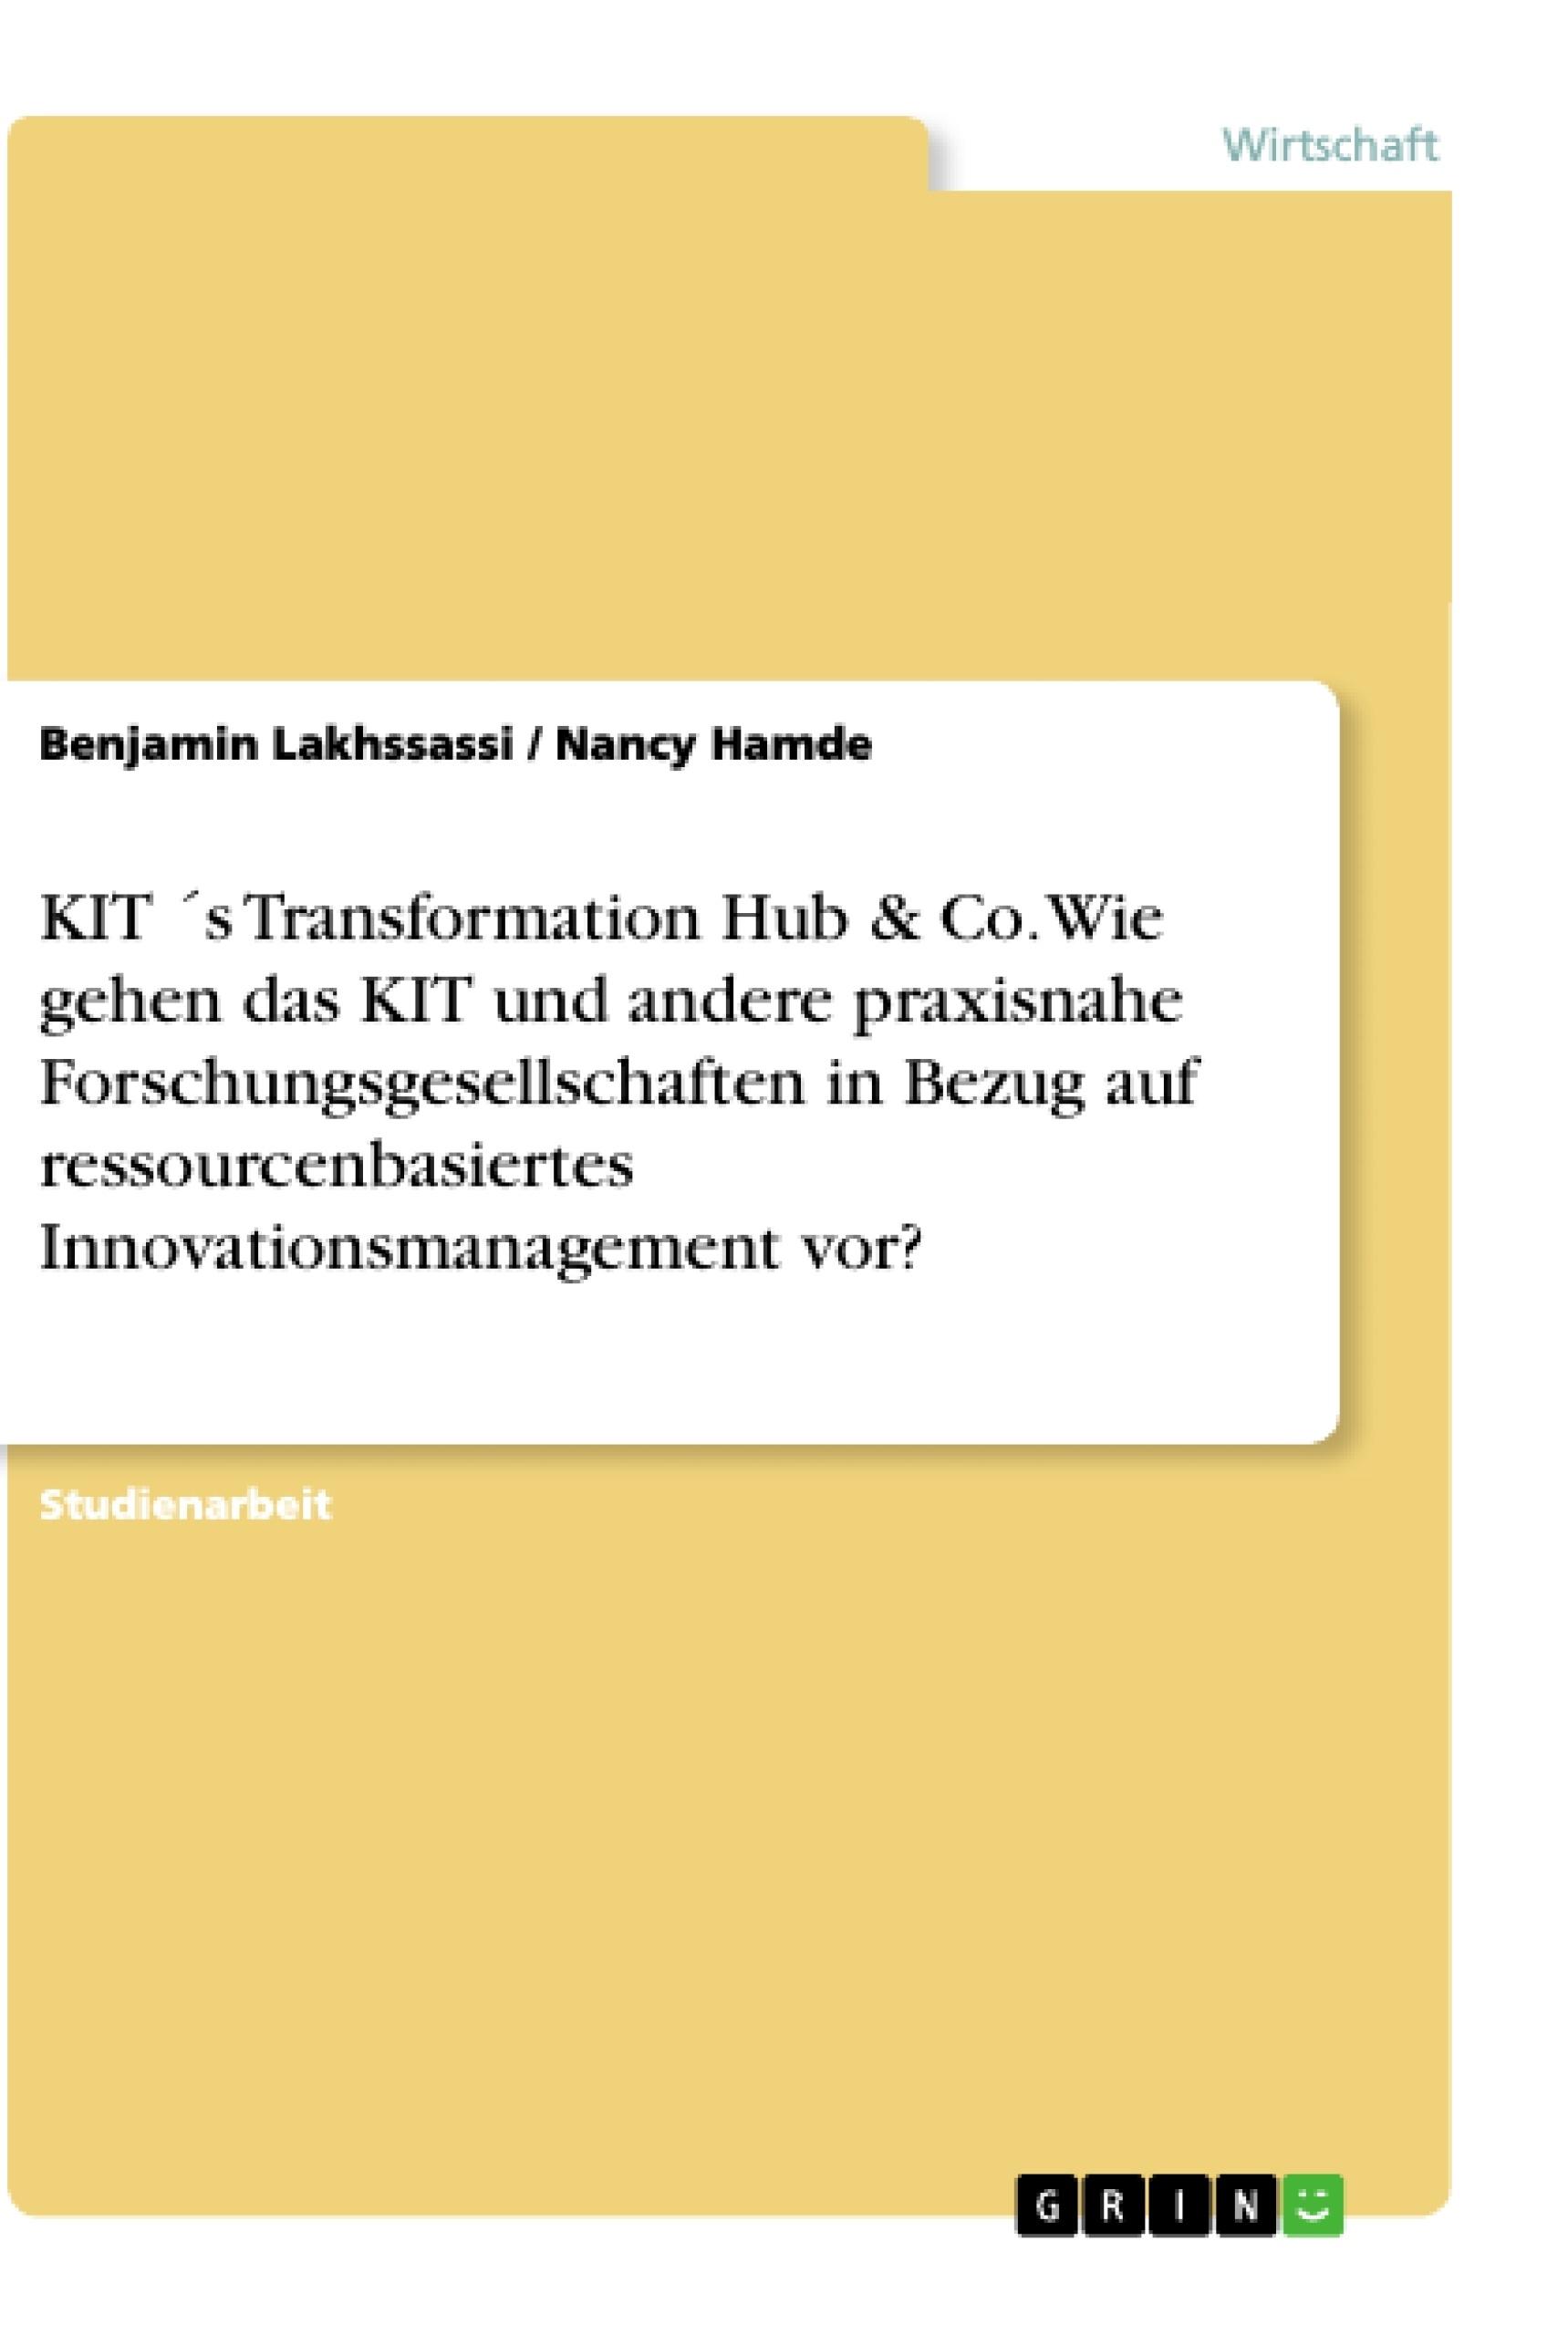 Titel: KIT ´s Transformation Hub & Co. Wie gehen das KIT und andere praxisnahe Forschungsgesellschaften in Bezug auf ressourcenbasiertes Innovationsmanagement vor?